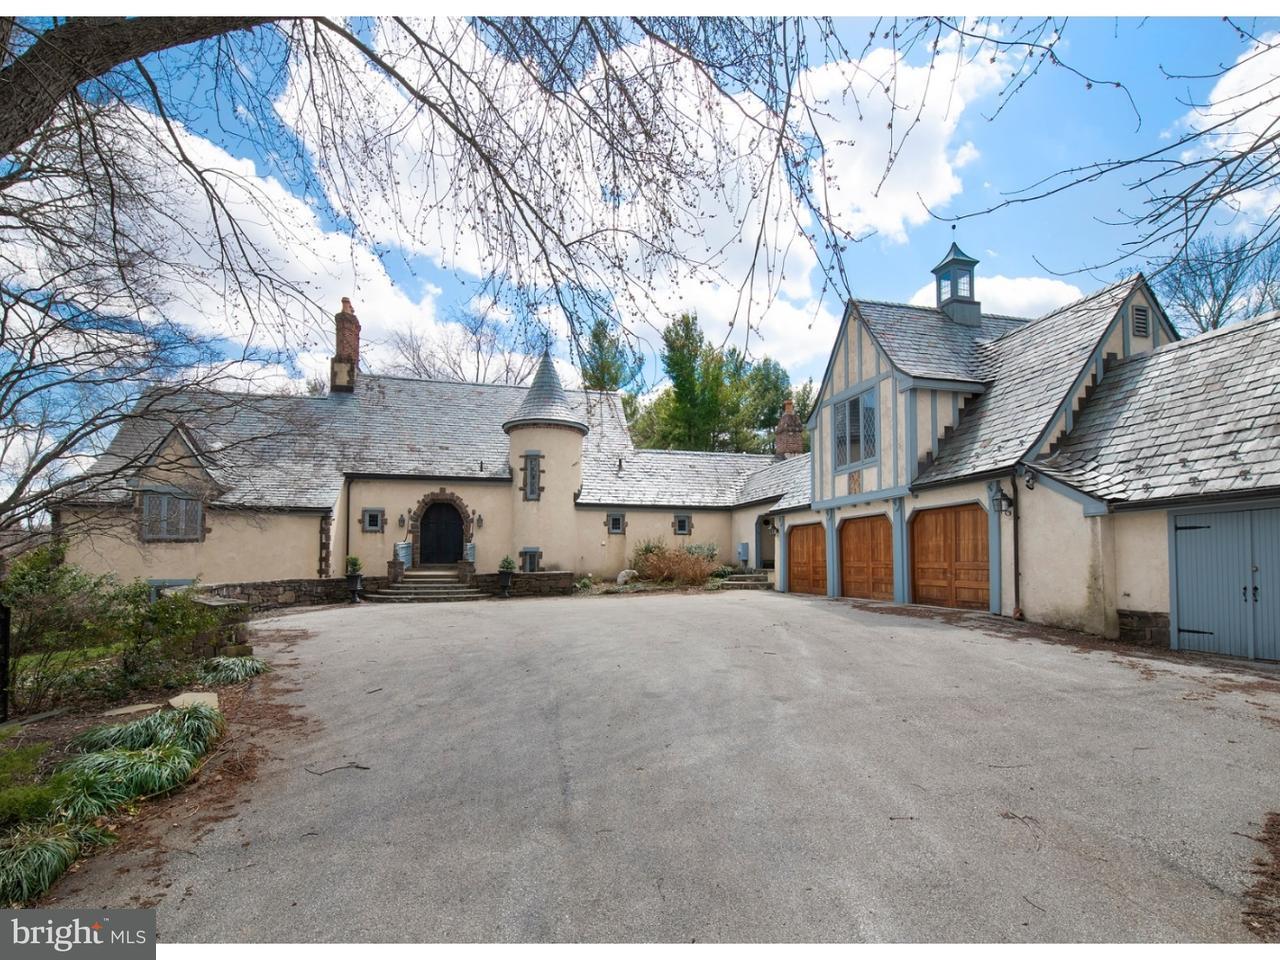 Частный односемейный дом для того Продажа на 1079 BARON Drive Bryn Mawr, Пенсильвания 19010 Соединенные Штаты